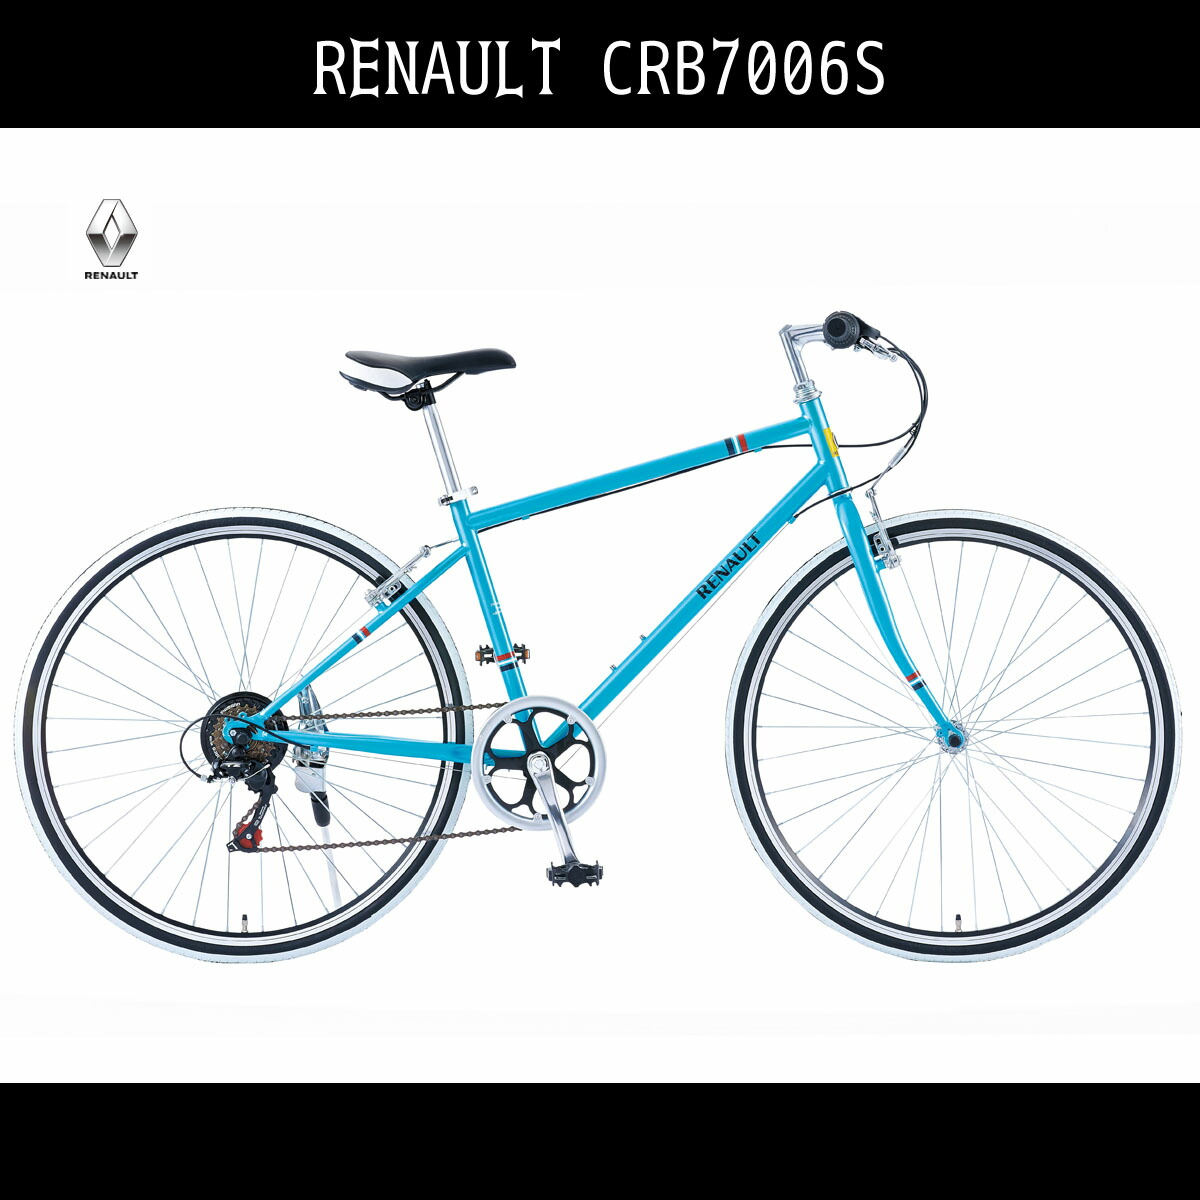 クロスバイク 自転車 ルノー RENAULT 自転車 ブルー/青700c クロスバイク 軽量 外装6段変速ギア付き CRB7006S ルノー 自転車